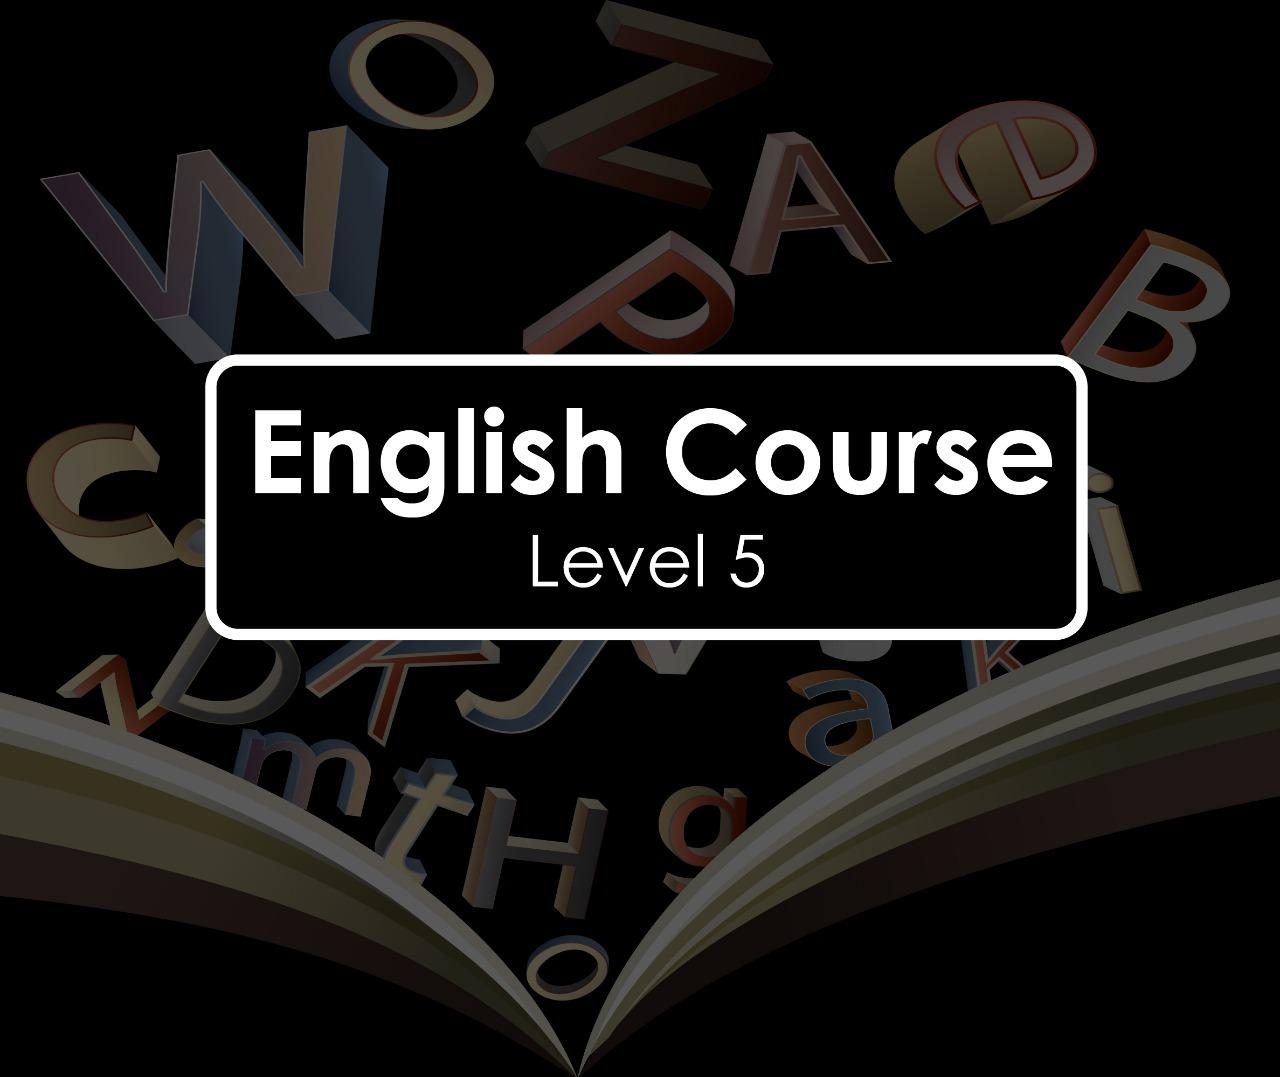 English level 5